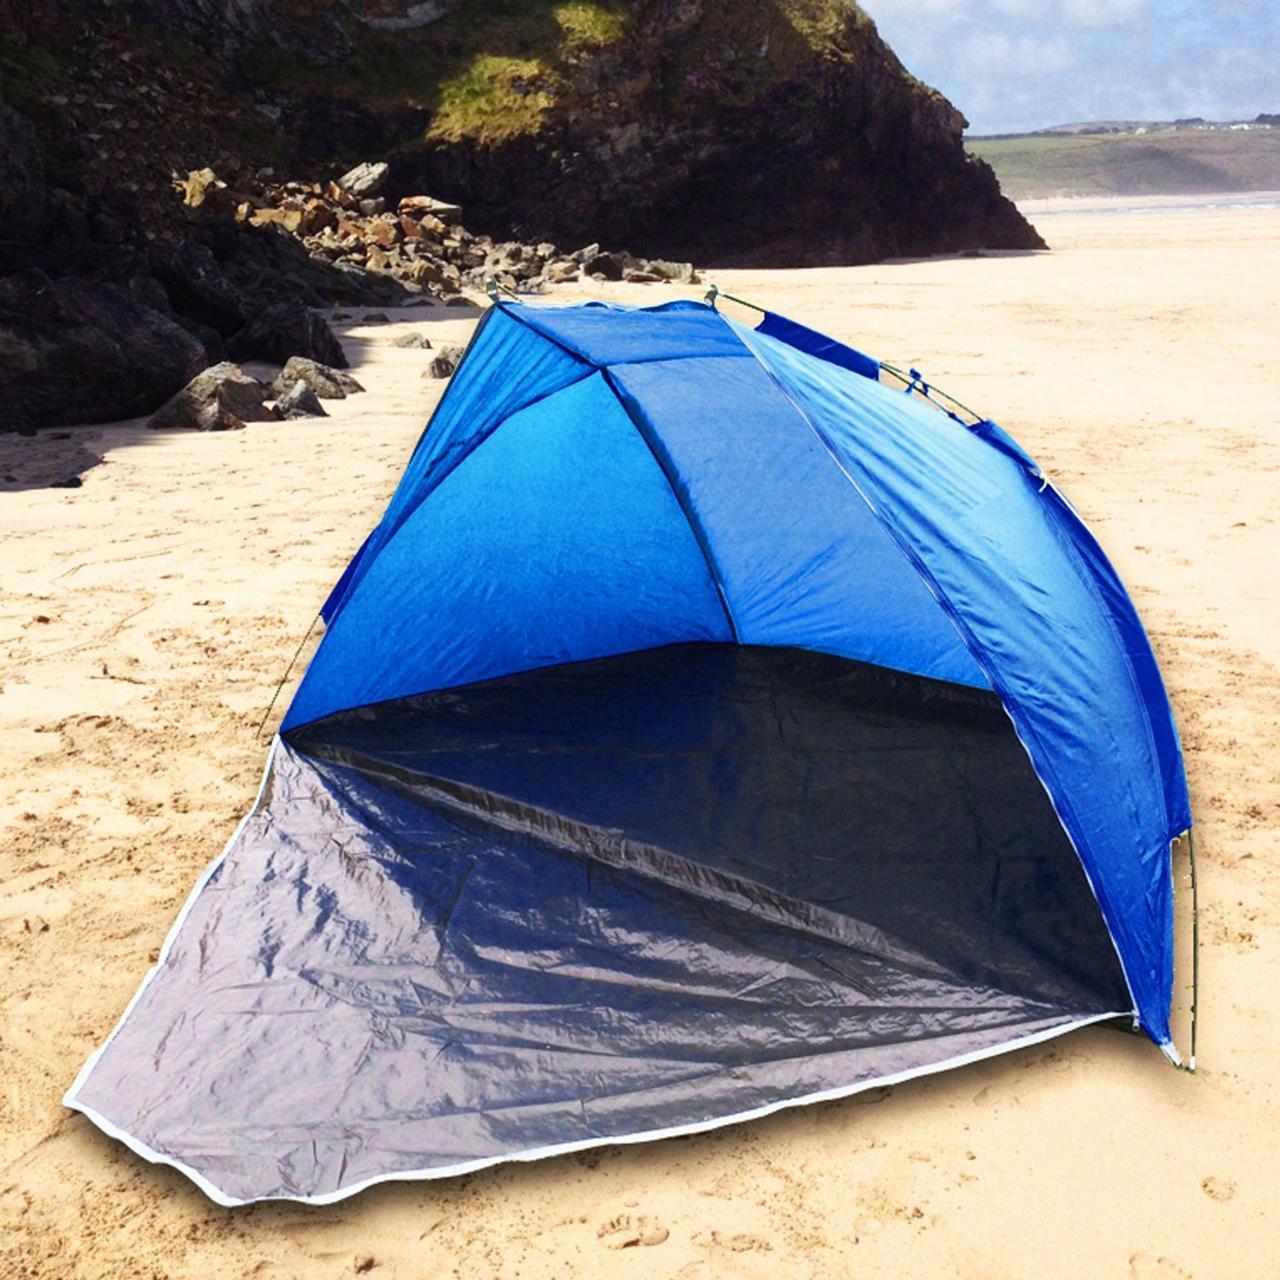 Пляжная палатка трансформер удобная универсальная спасет от палящего солнца и от дождя намет двух местная